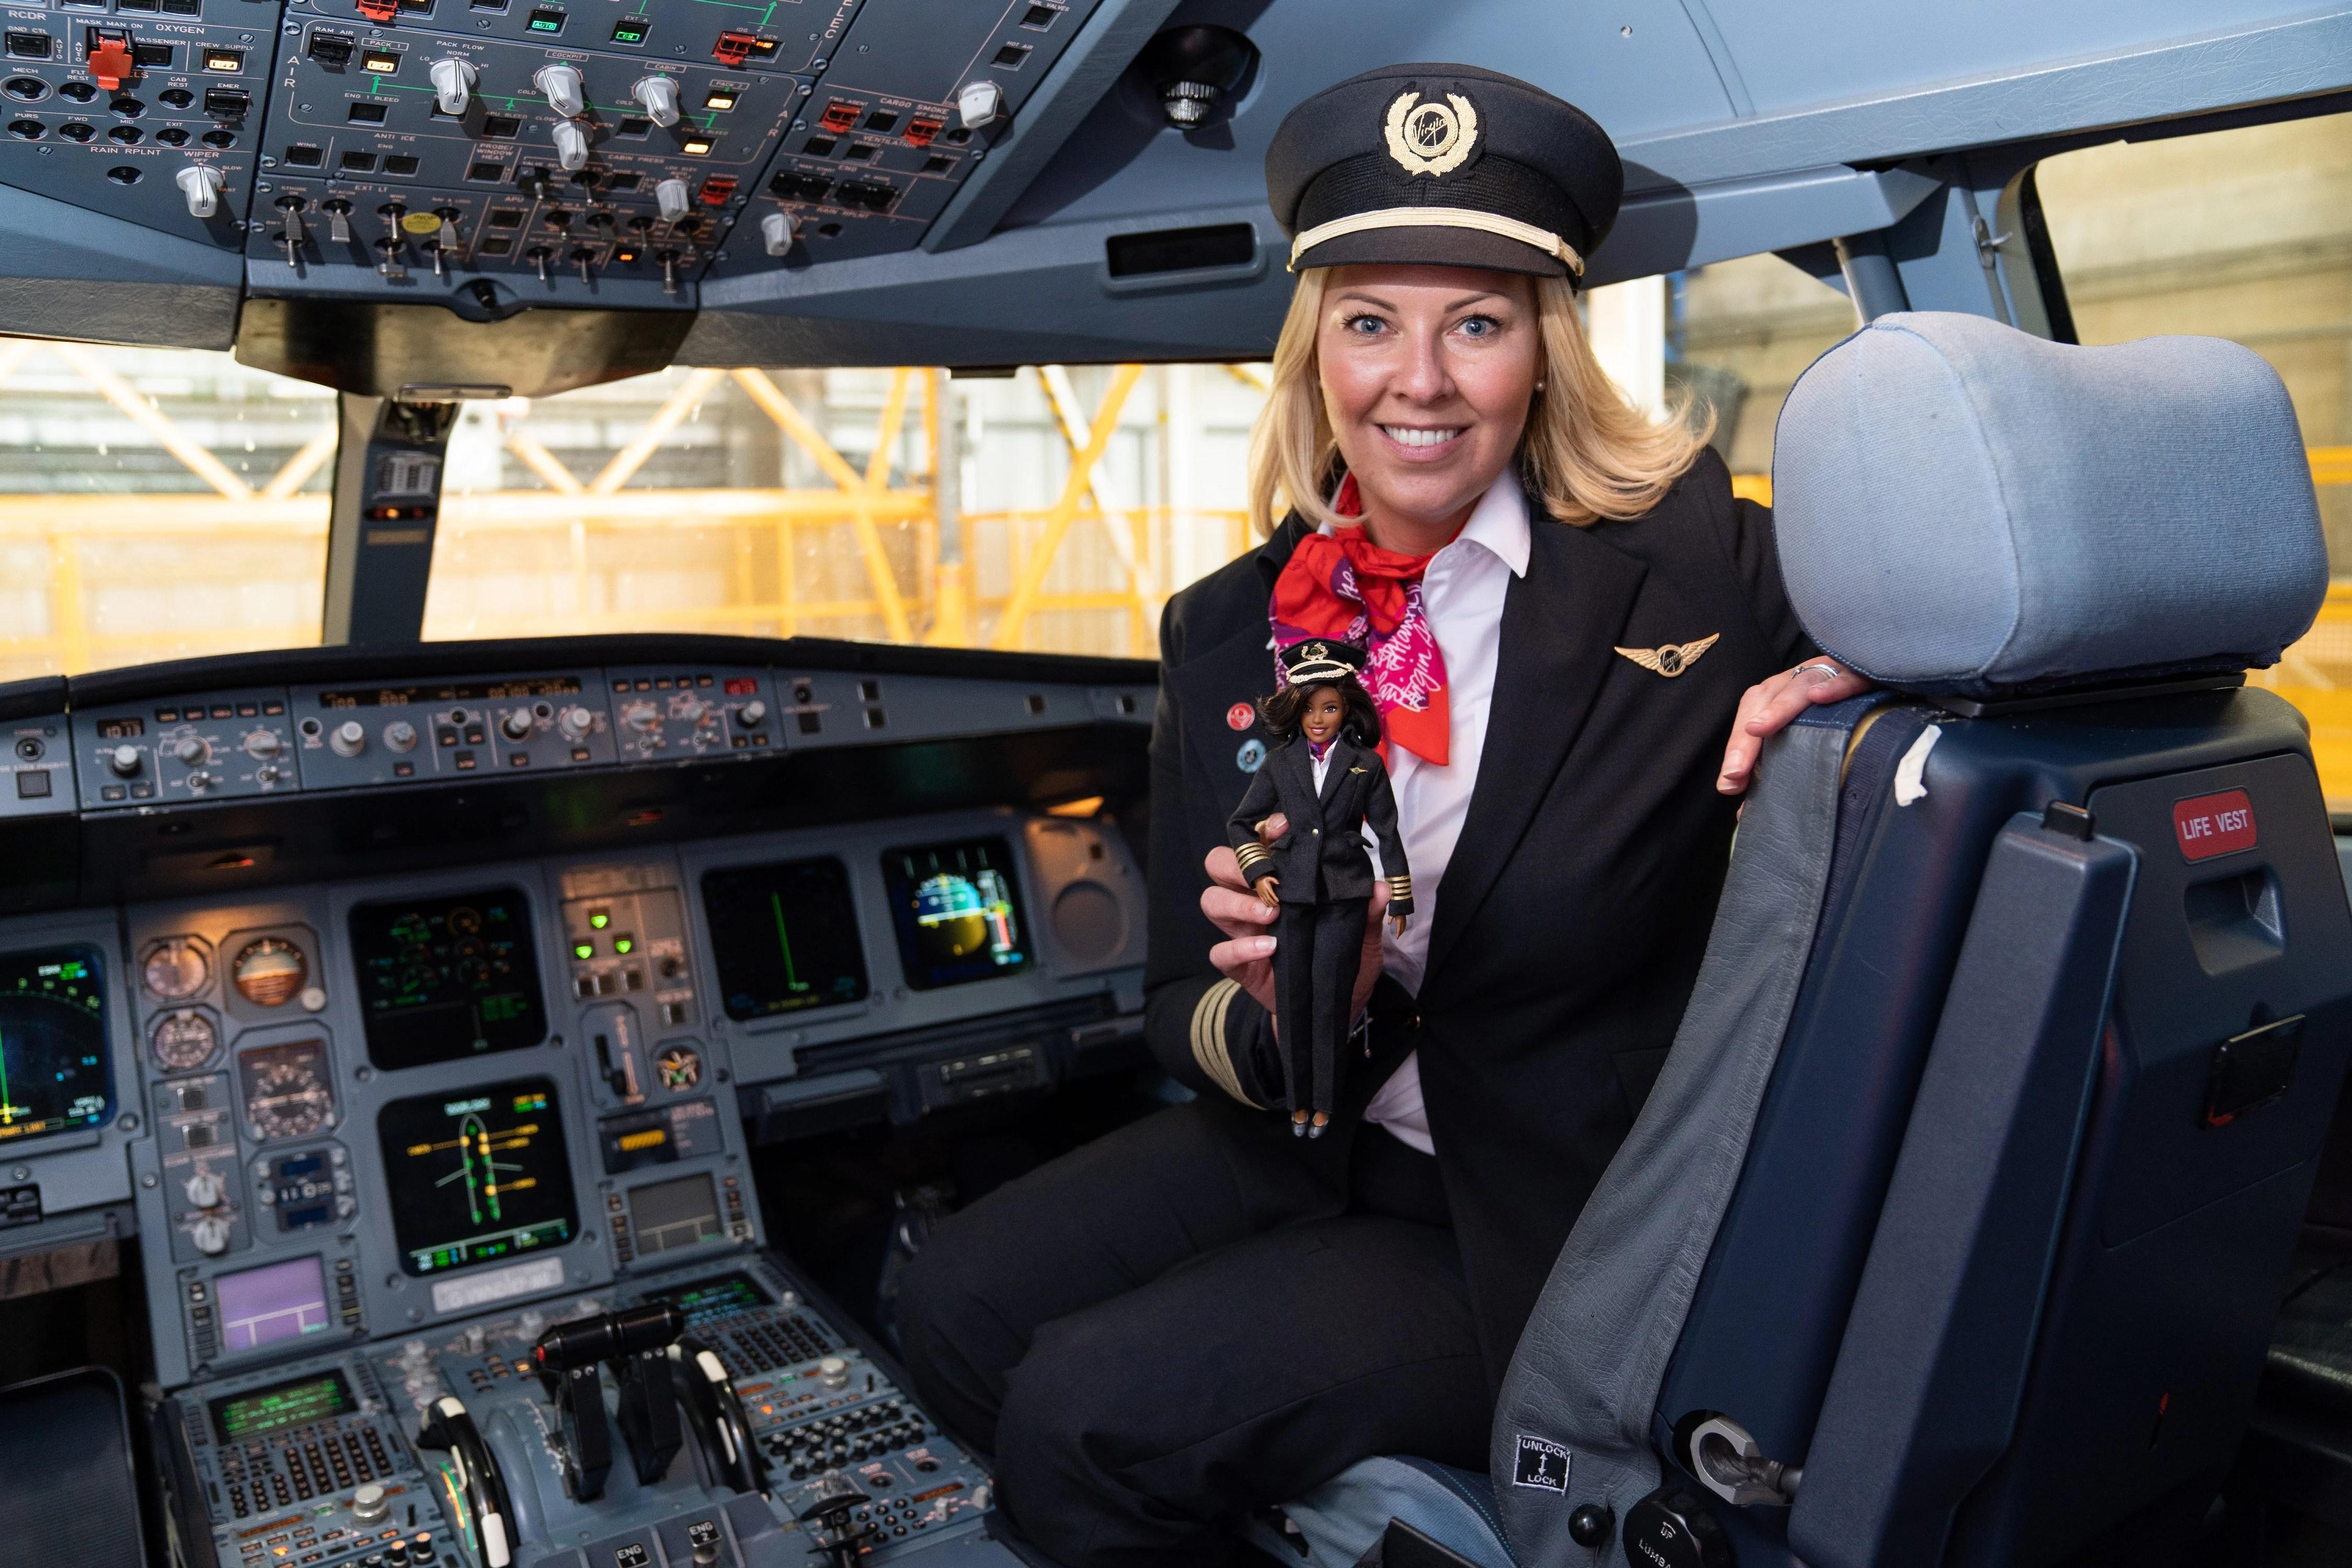 Barbie earns her captain's stripes on Virgin Atlantic